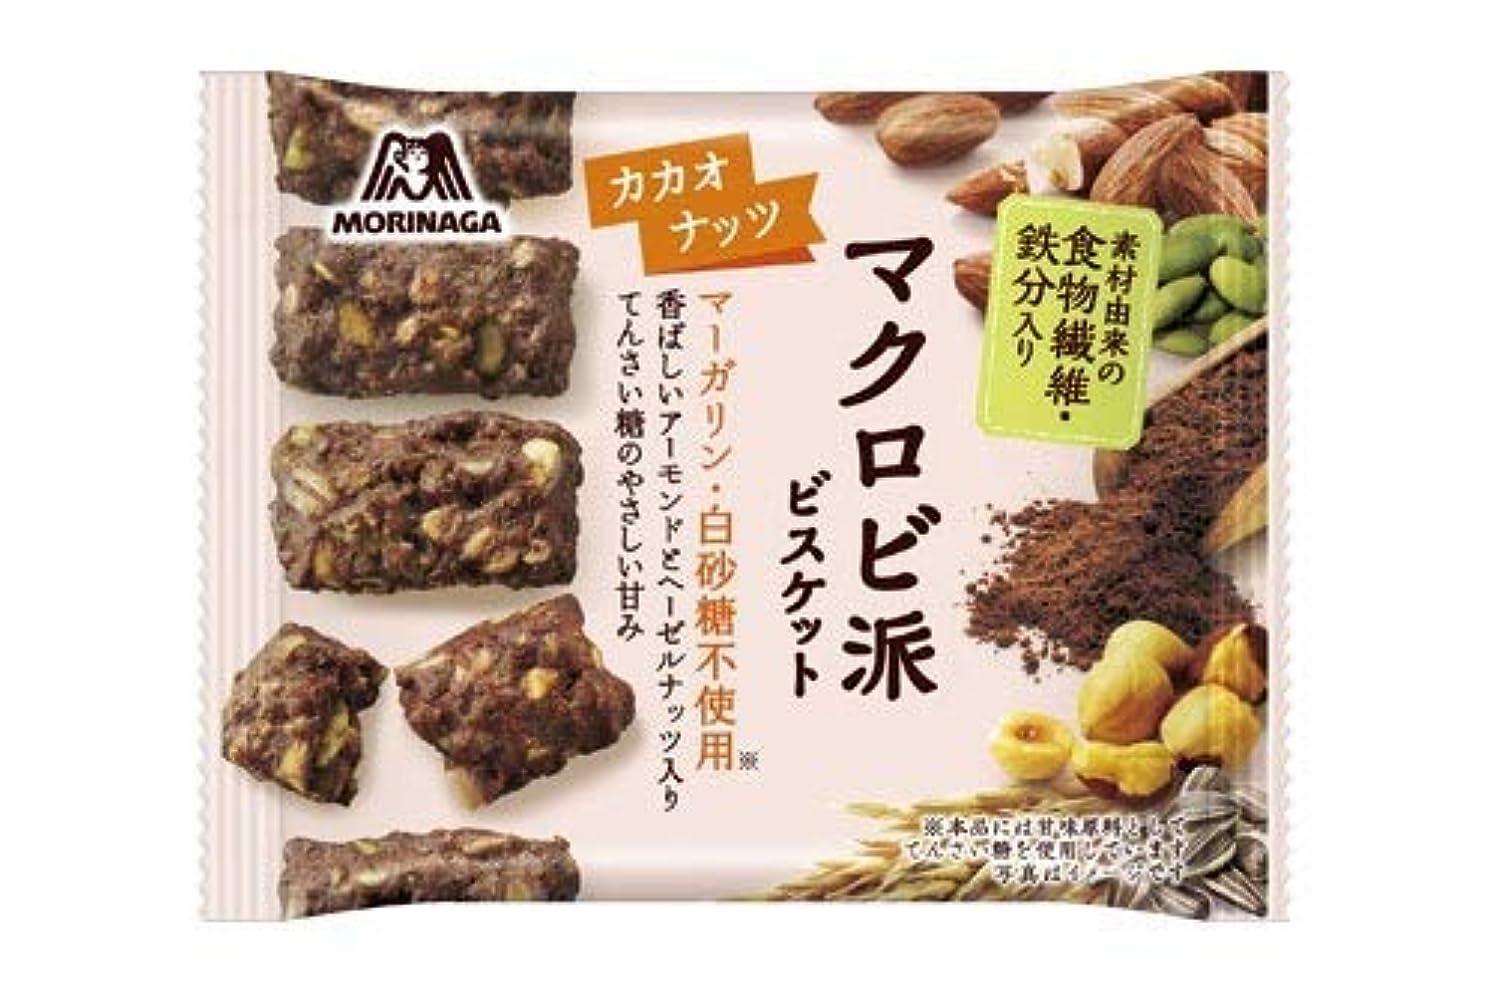 クローンアスリート動的森永製菓 マクロビ派ビスケット カカオナッツ 72個セット